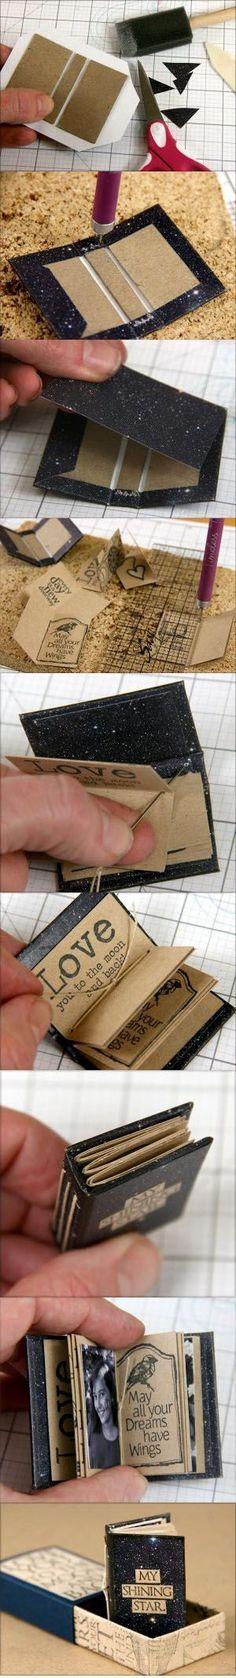 Book binding tutorial diy mini albums new Ideas Fun Crafts, Diy And Crafts, Arts And Crafts, Mini Albums, Diy Paper, Paper Crafts, Little Presents, Mini Album Tutorial, Ideias Diy